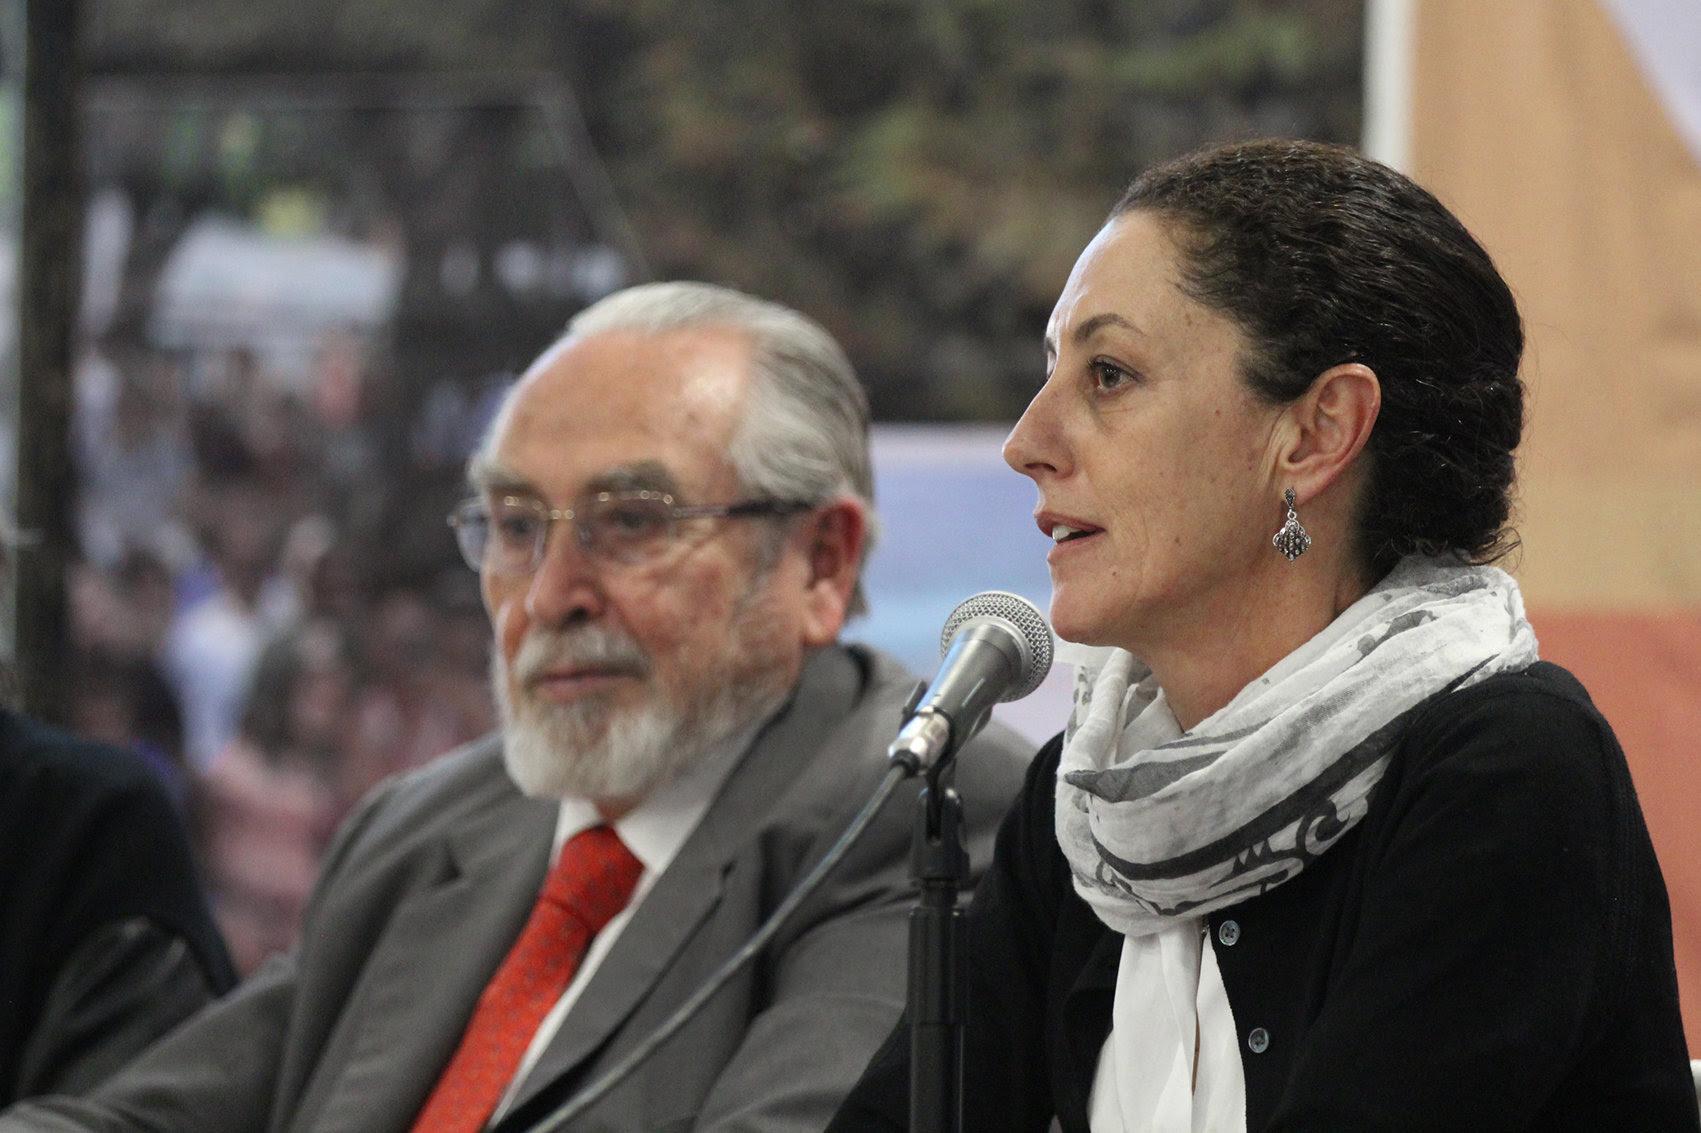 Constitución de la ciudad, un avance en la soberanía de la capital: Claudia Sheinbaum